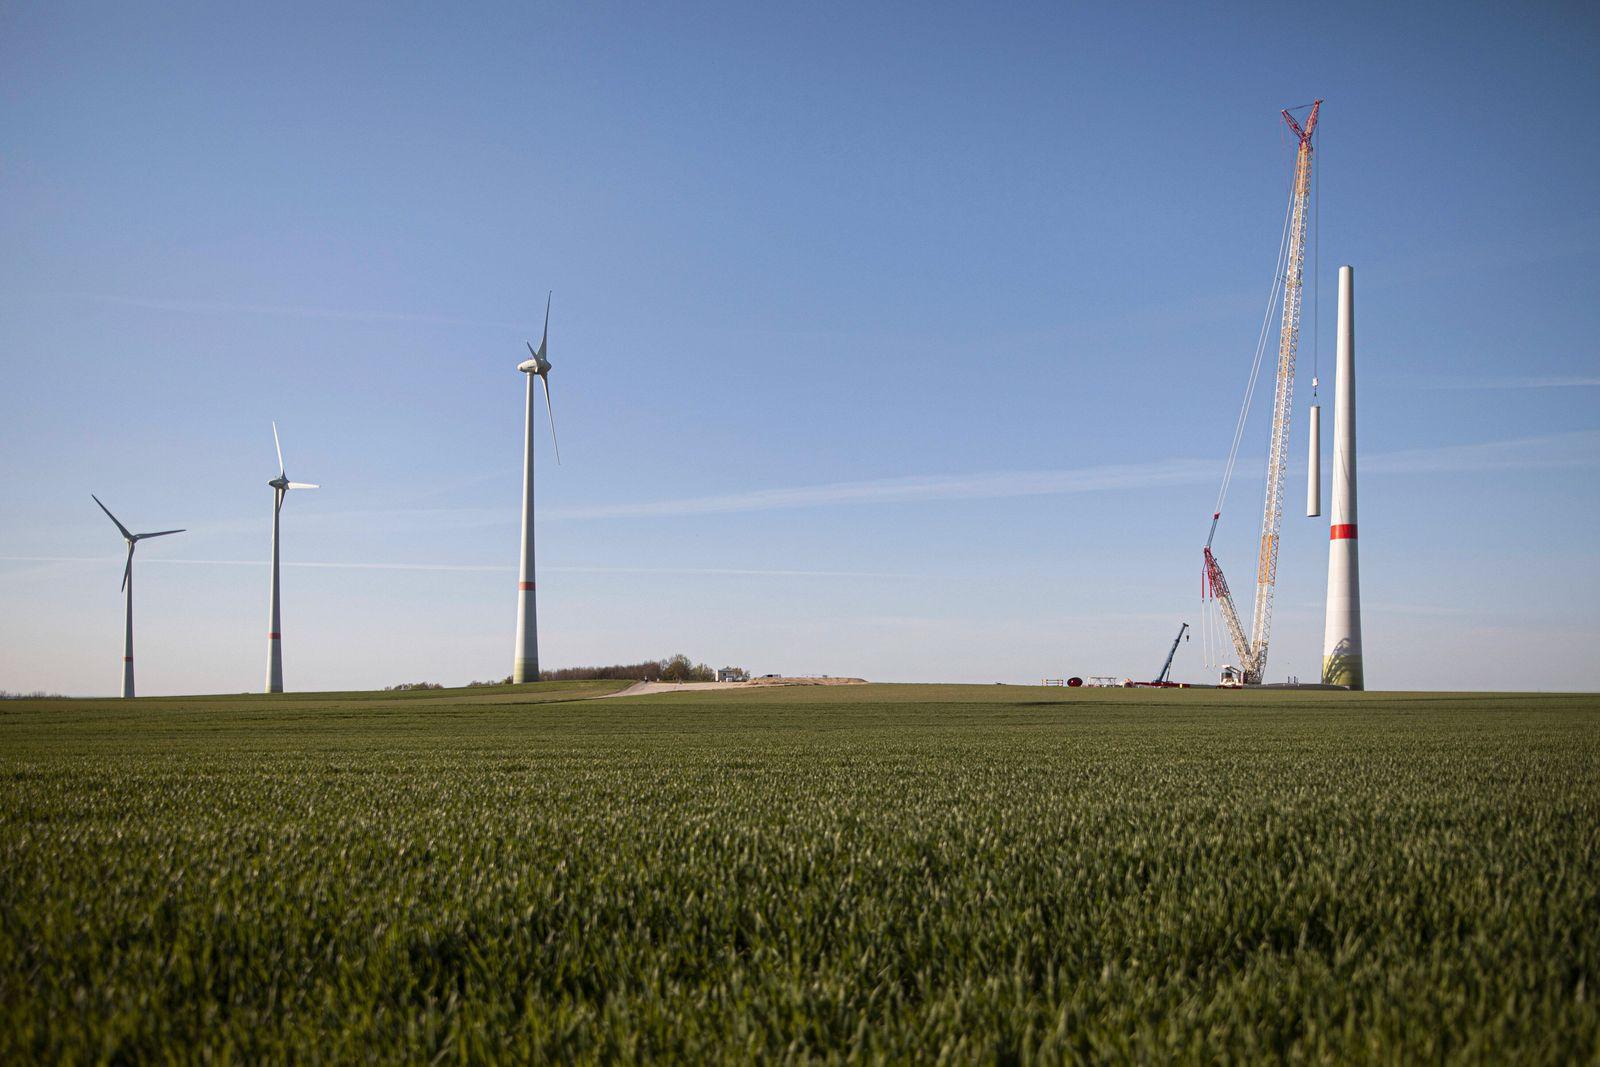 Ein Windrad wird aufgebaut in Ludwigsdorf, 23.04.2020. Ludwigsdorf Deutschland *** A wind turbine is being built in Ludw